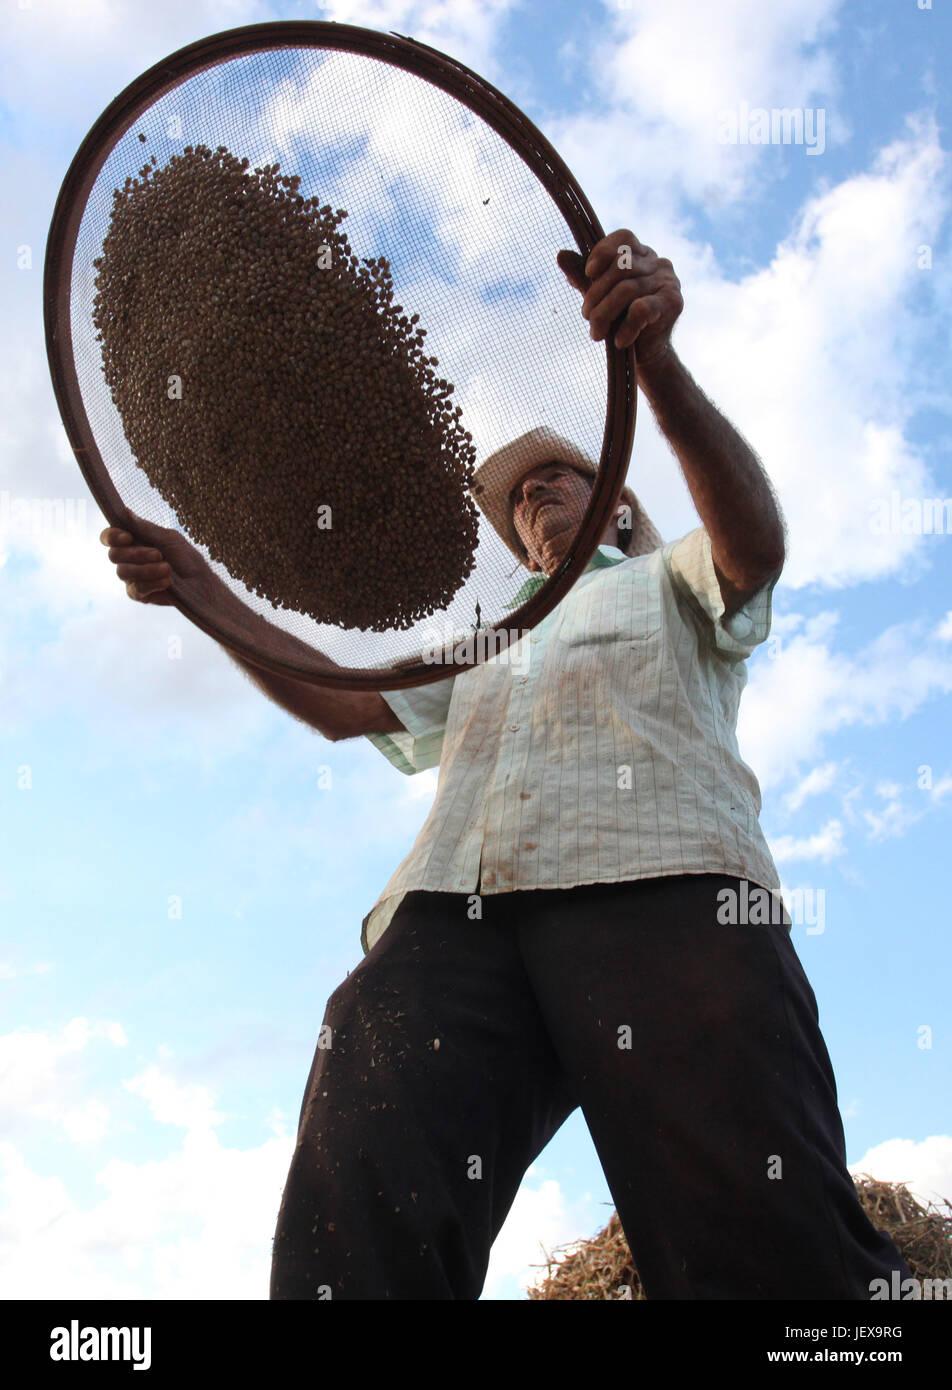 CAMPO MOURÃO, PR - 28.06.2017: COLHEITA DE FEIJÃO CARIOCA - Farmers take advantage of the strong sunshine - Stock Image